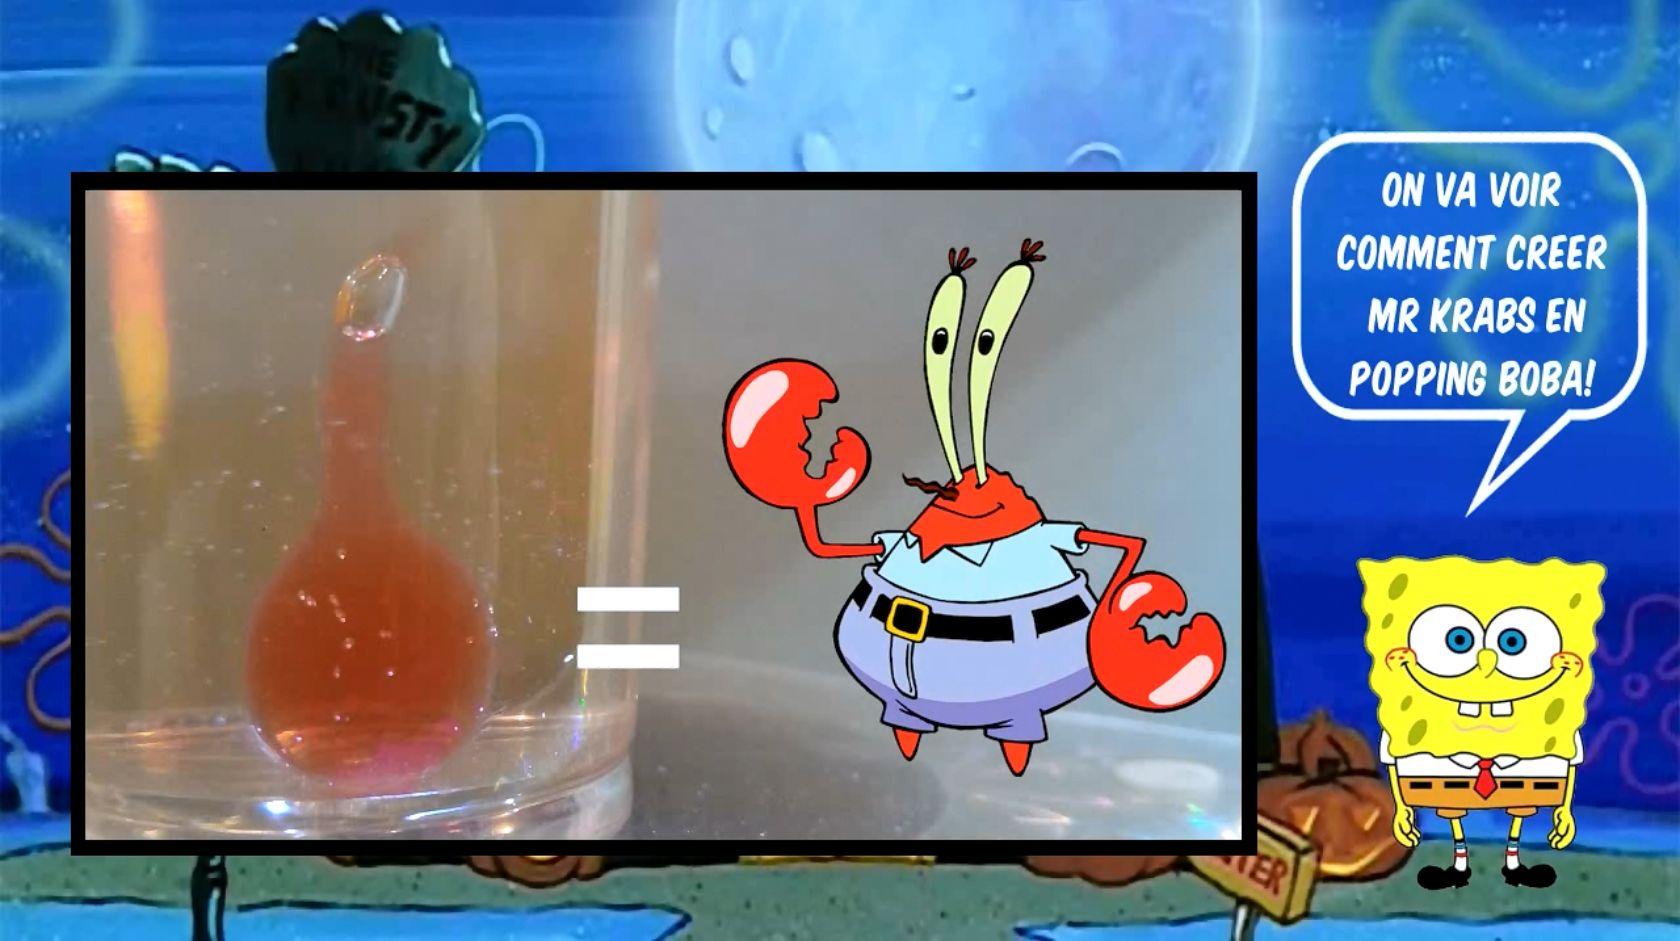 Comment Créer Mr Krabs De Bob L Eponge En Popping Boba Fraise Bonbon